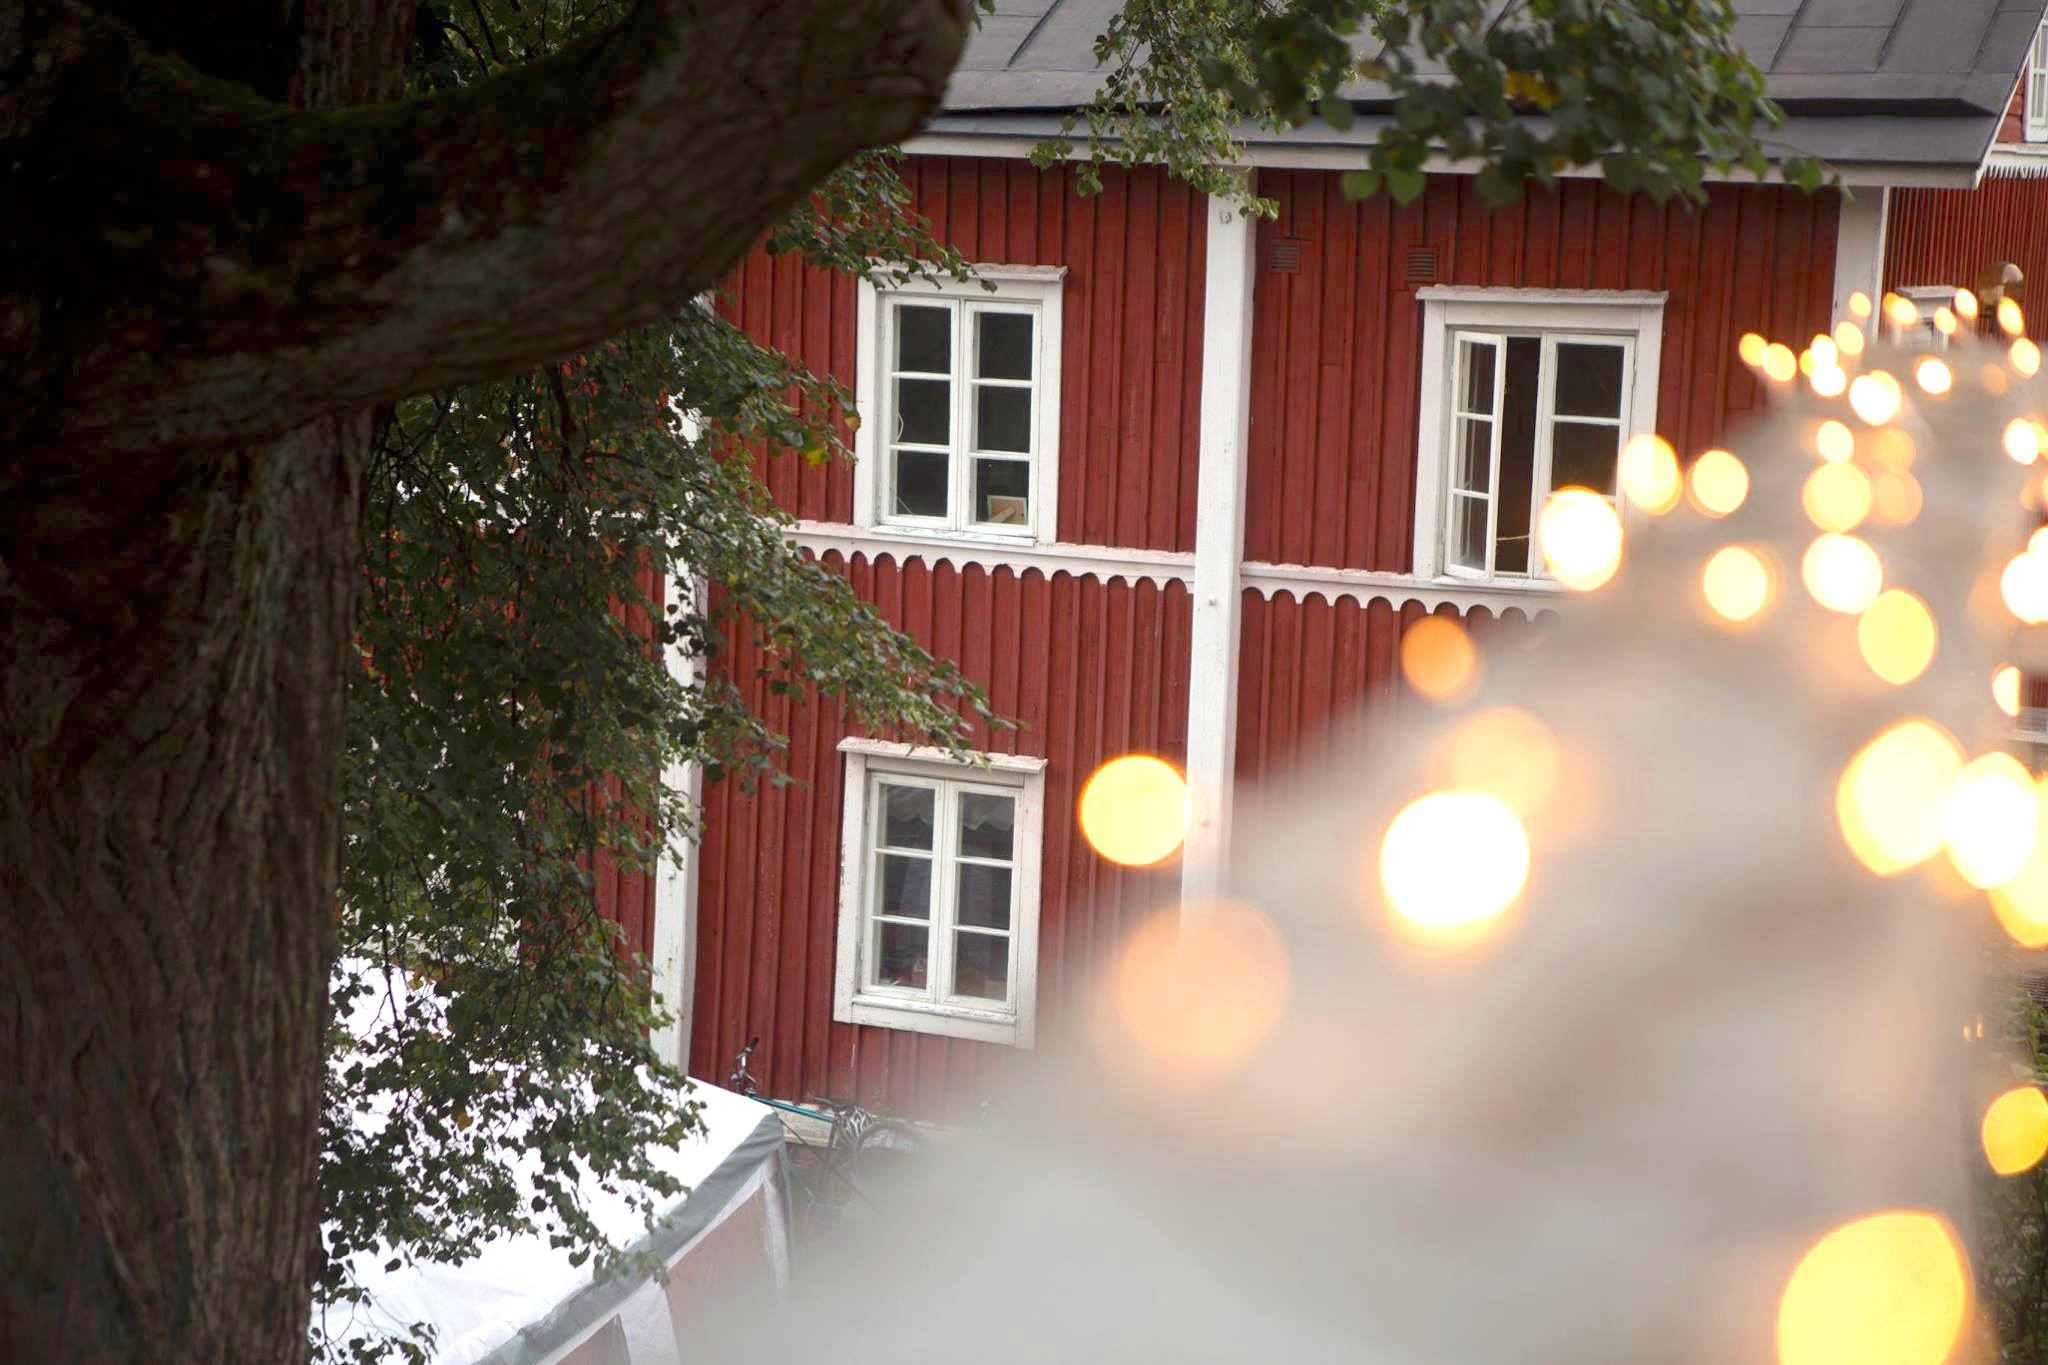 Hare Krishna temppeli Malminkylän kartanossa, Malmilla, Helsinki